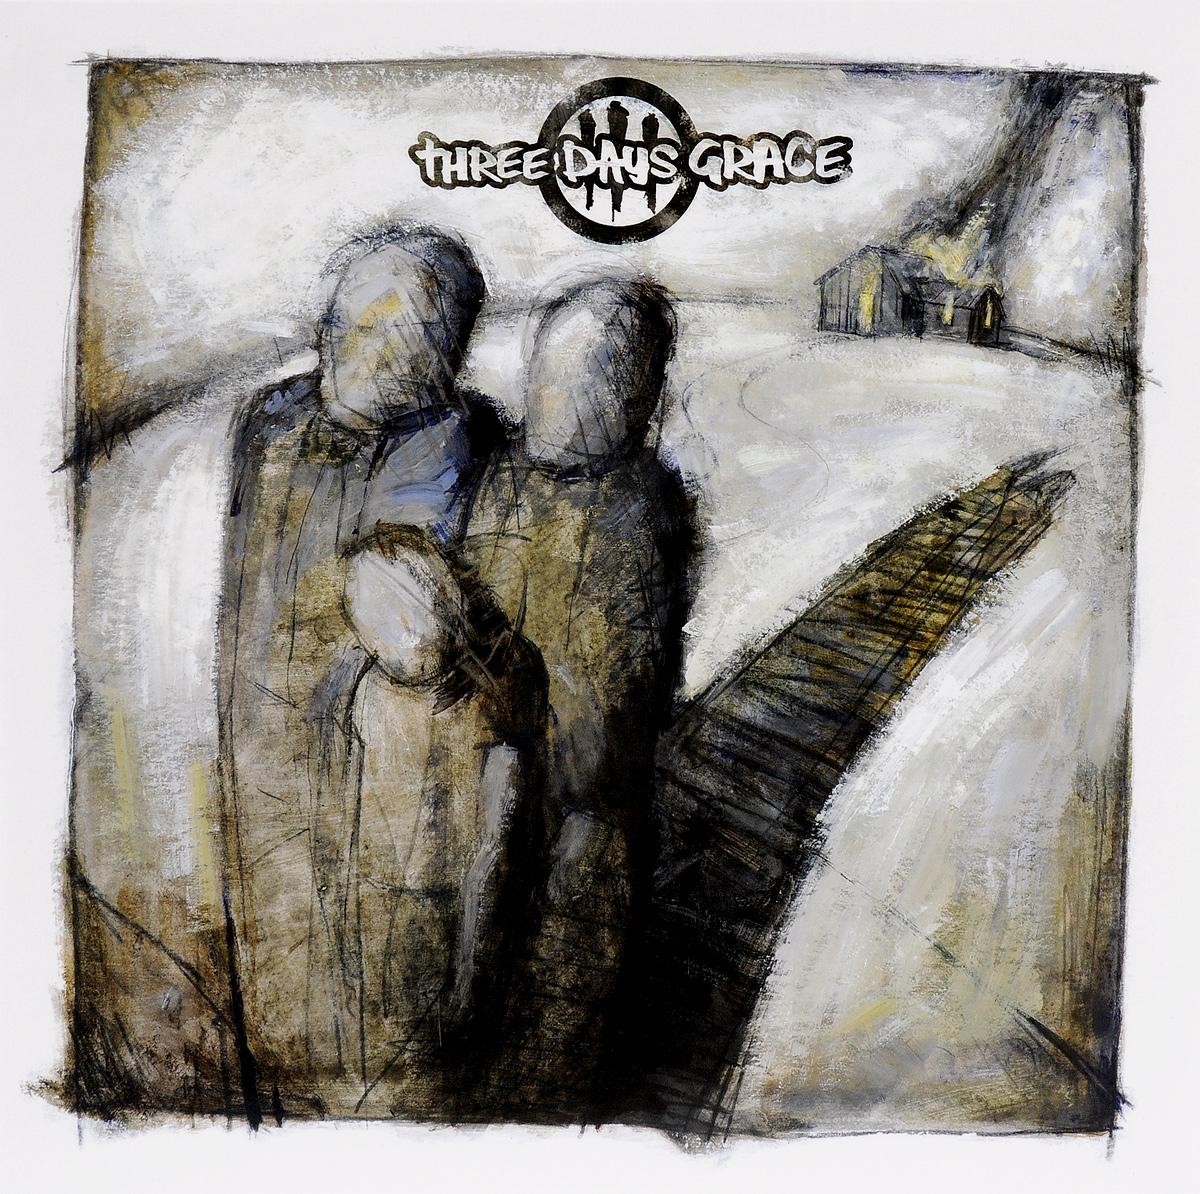 Дебютный альбом яркой и многообещающей гитарной группы, играющей в агрессивных традициях Creed и Linkin Park Содержит